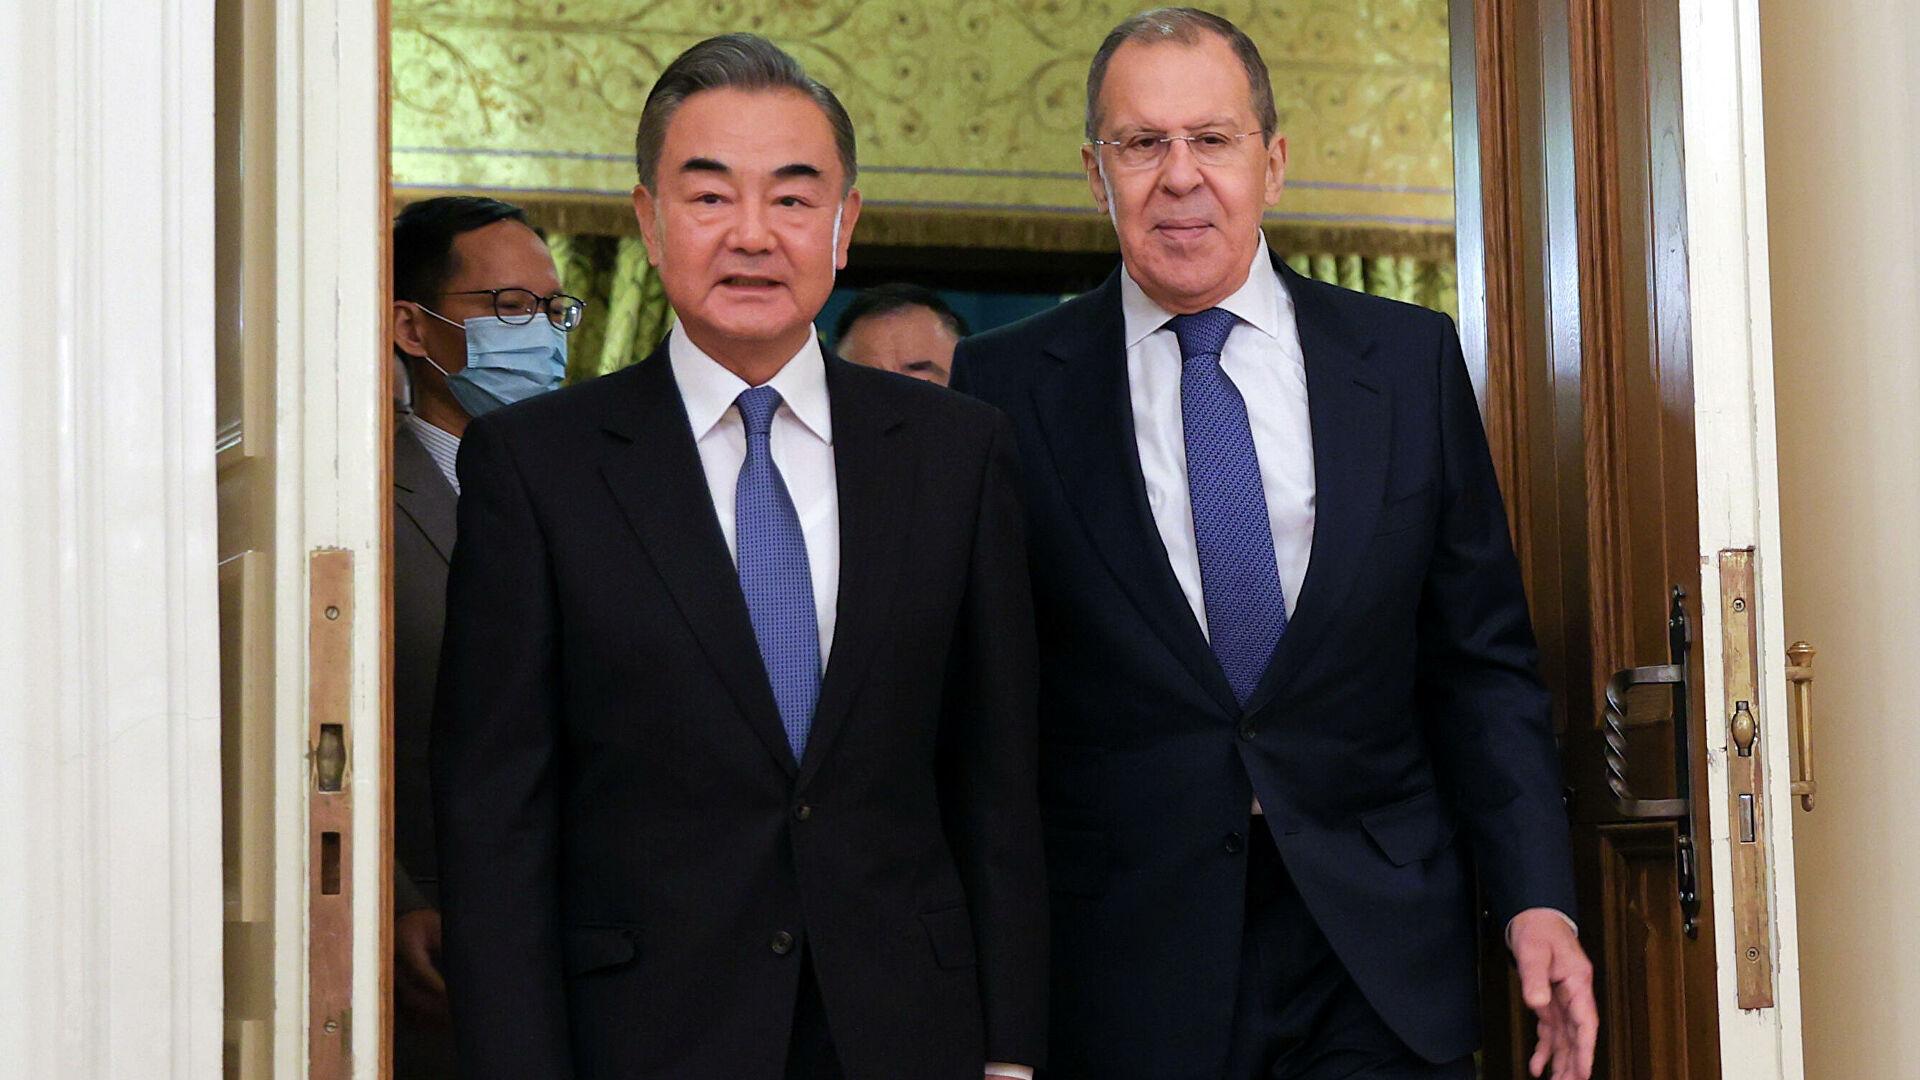 Москва и Пекинг не прихватају нелегитимне једностране акције Вашингтона